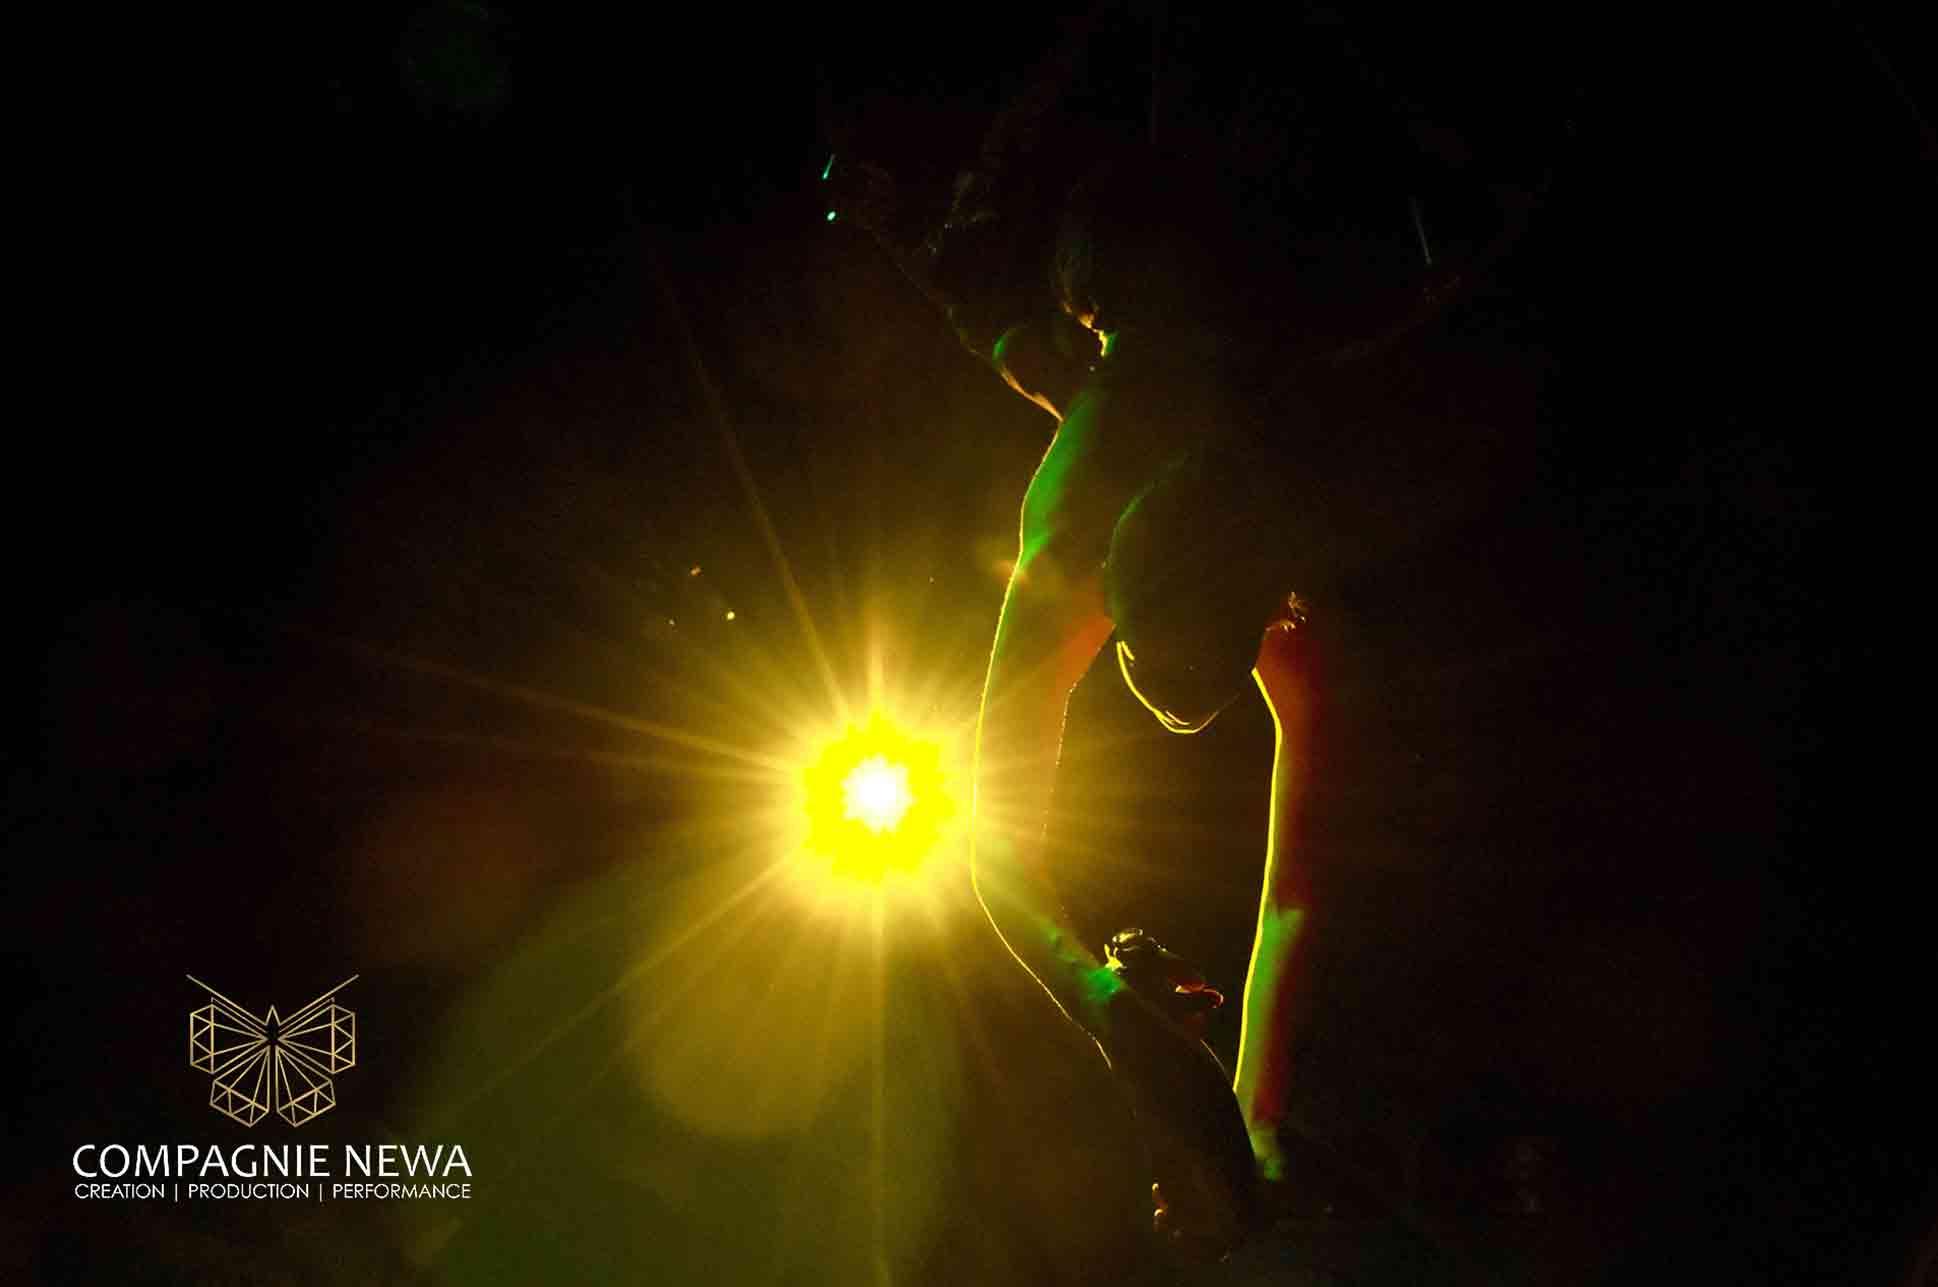 Compagnie_NEWA_flowing_champagne_aerials_chandelier_luchtacrobatiek